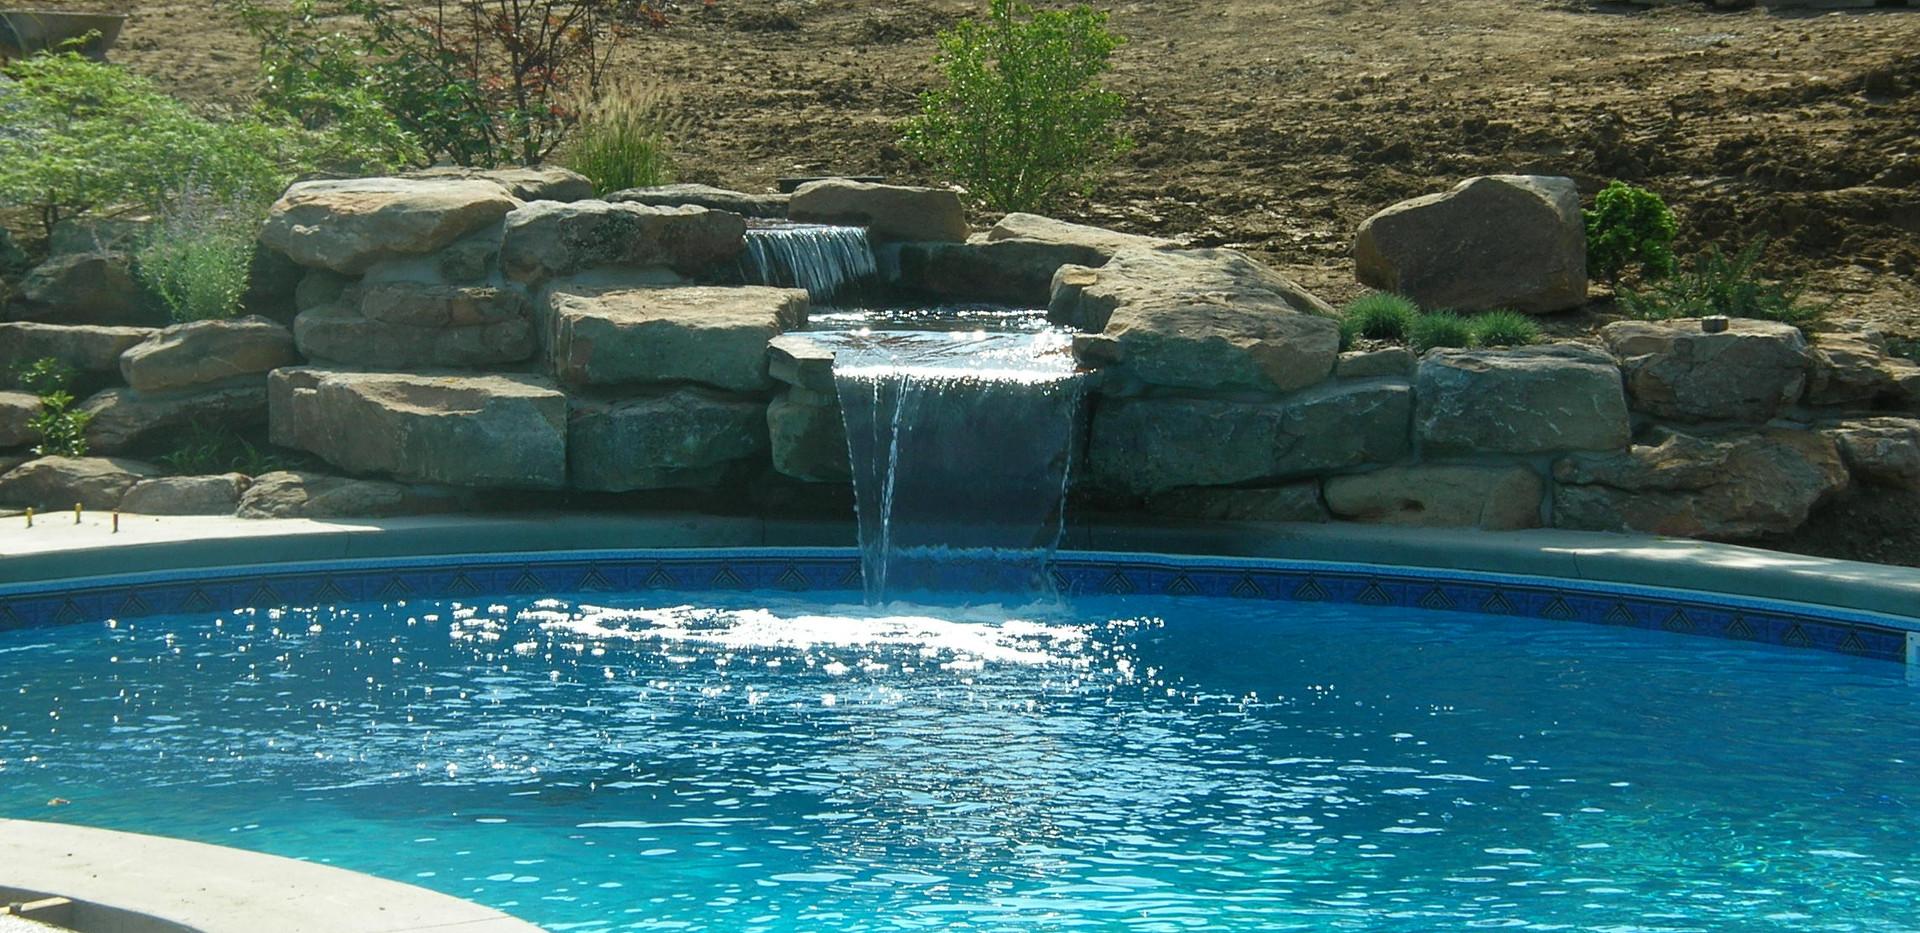 Pool_2007.jpg